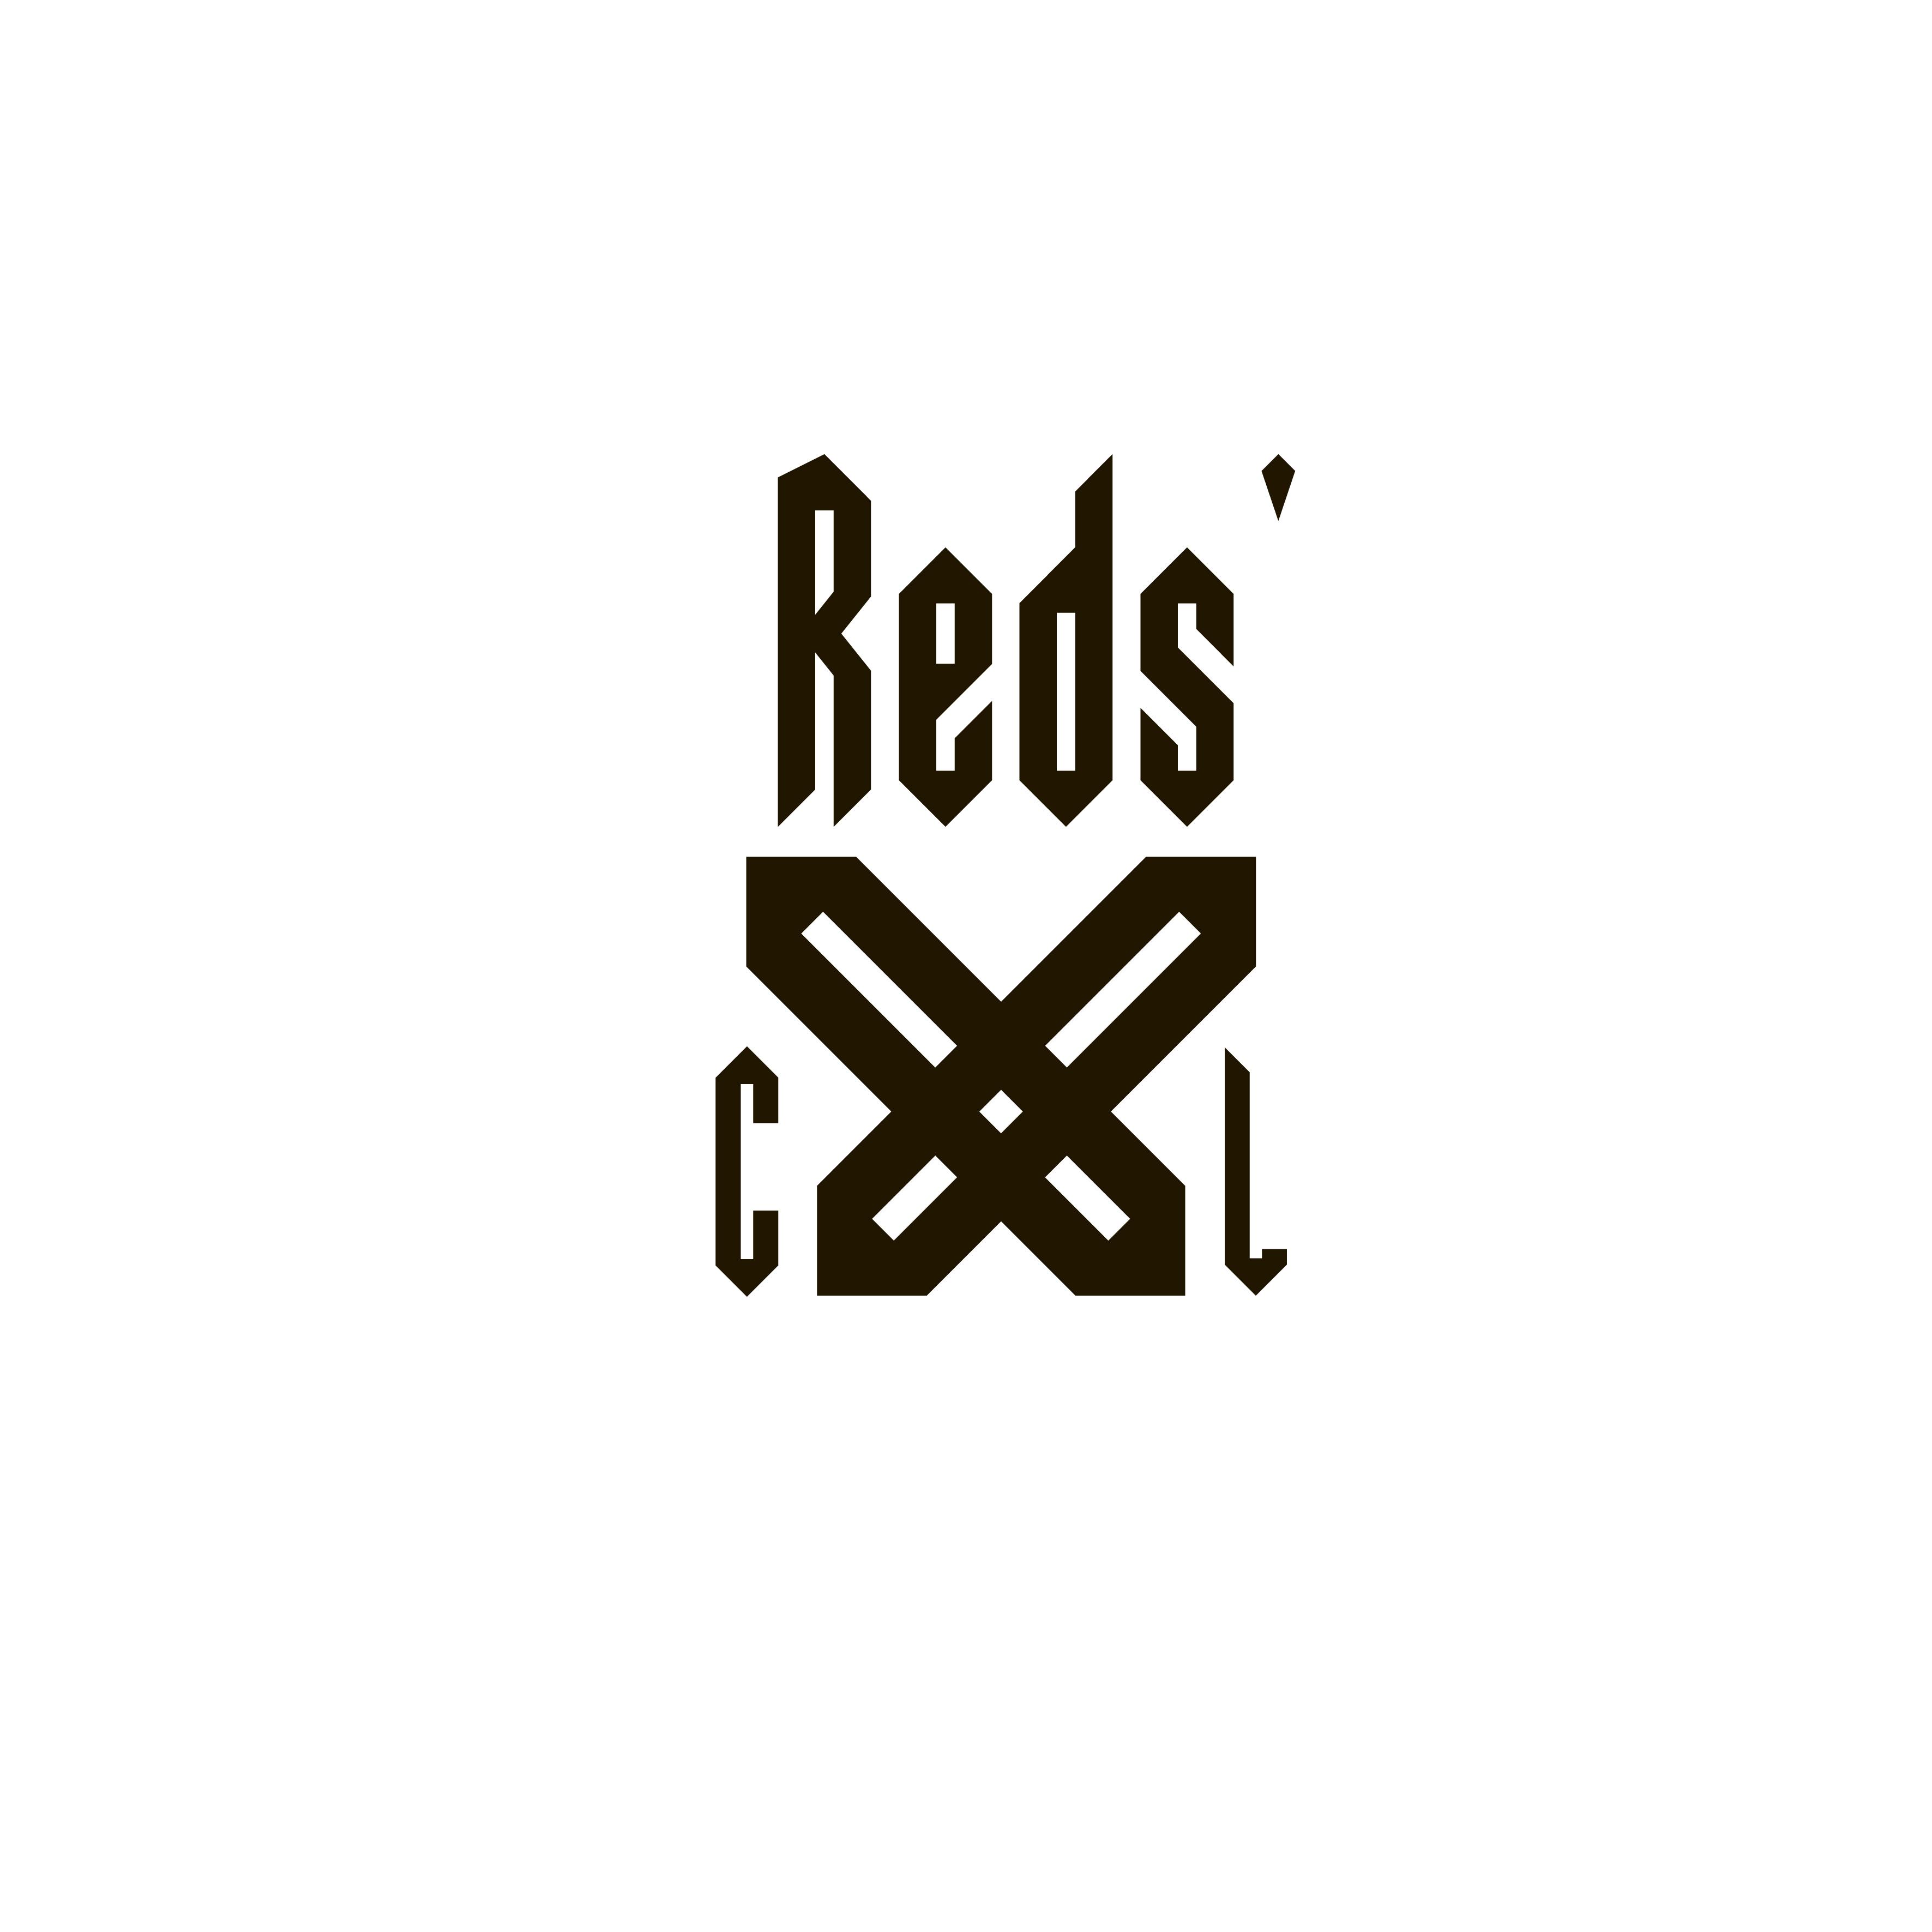 Логотип для музыкальной группы фото f_0125a5298499cf1b.jpg